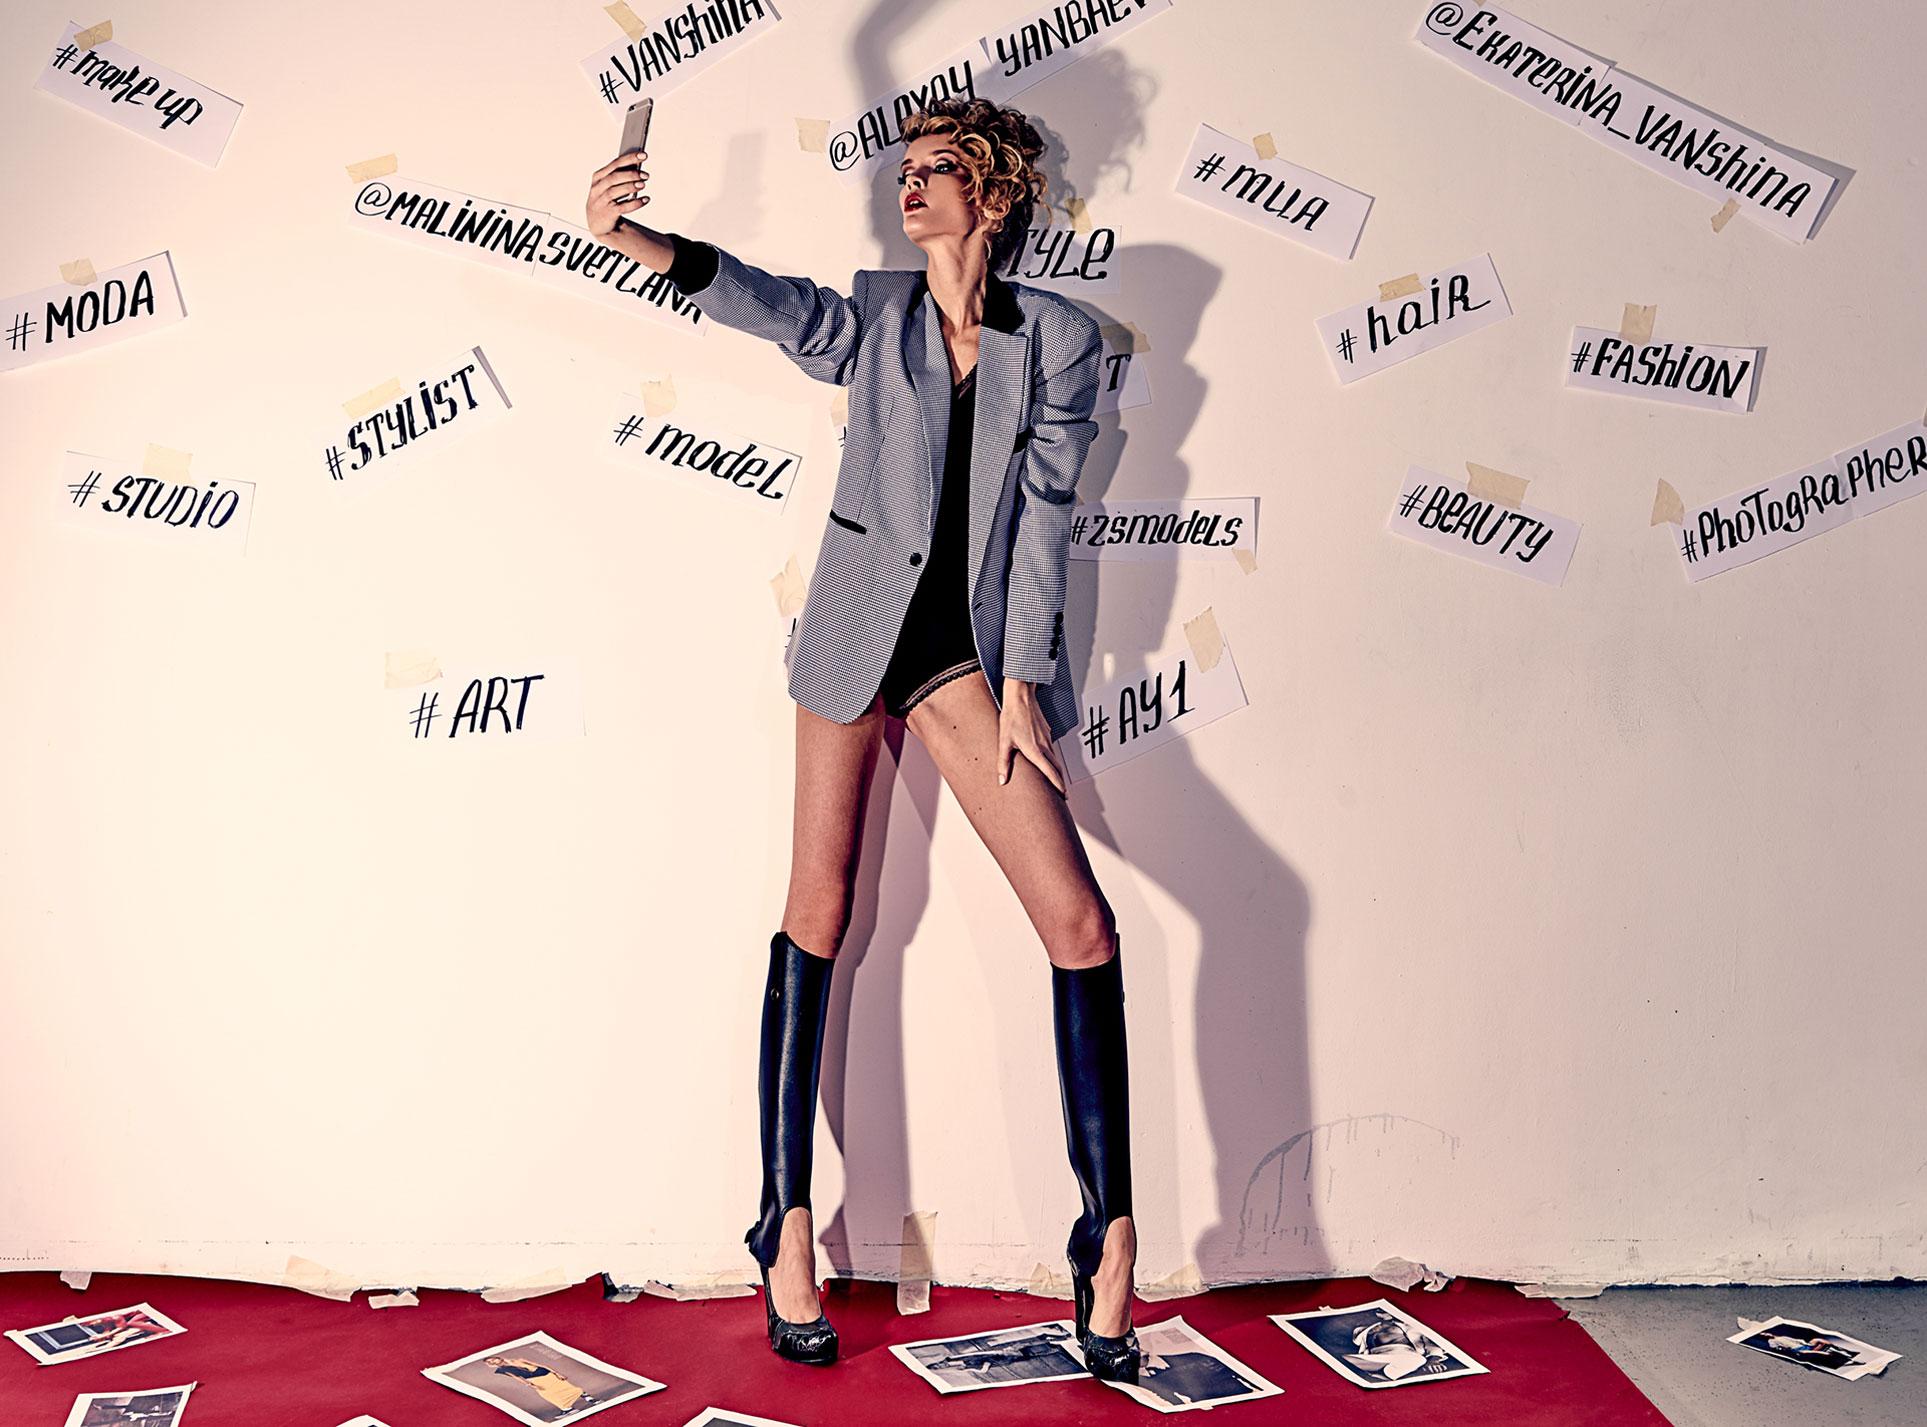 Екатерина Ваньшина и хэштеги в модной фотосессии Алексея Янбаева / фото 01